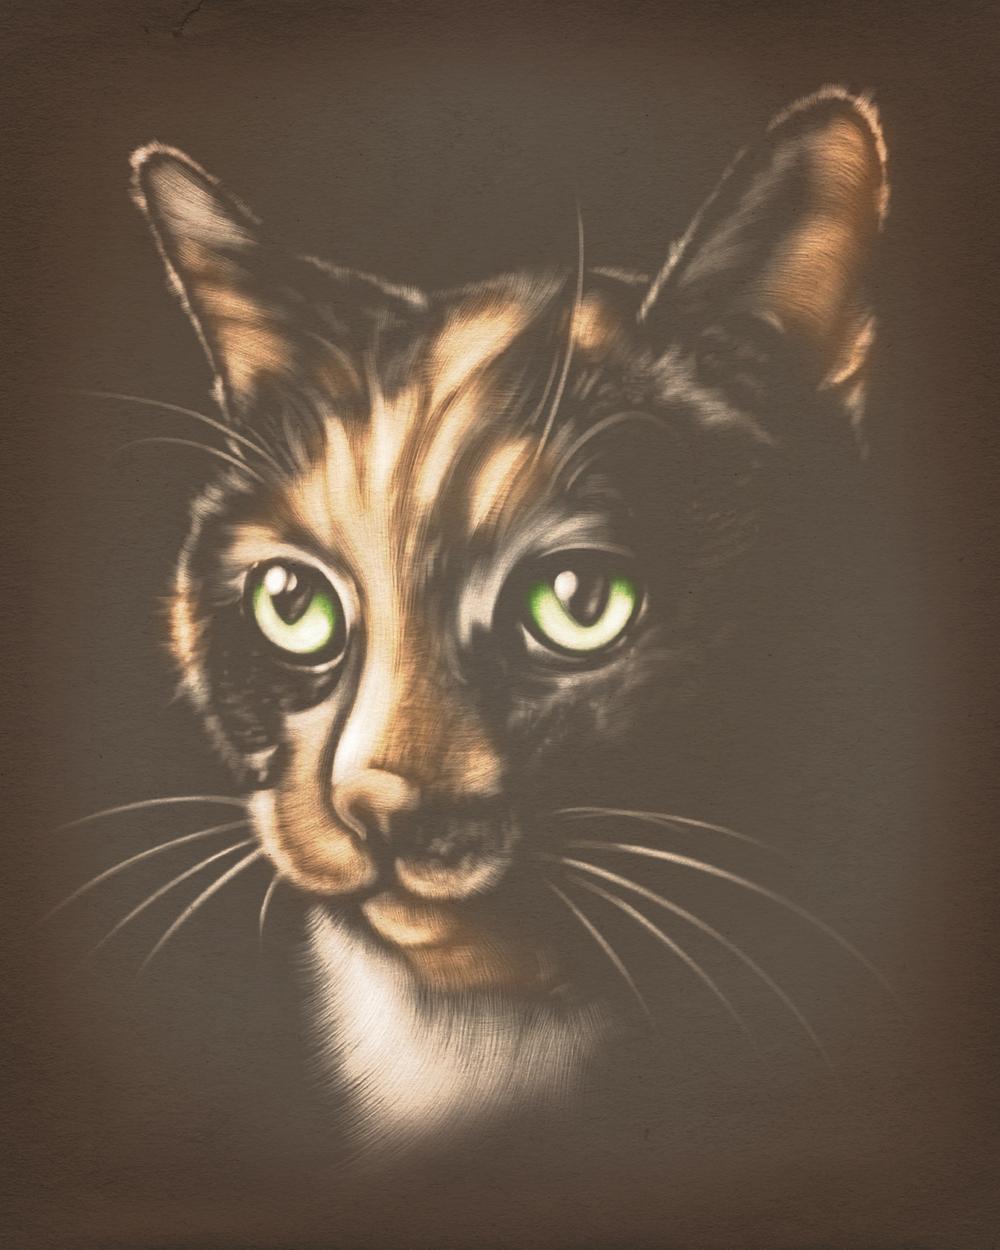 vintage pet portrait - Franny